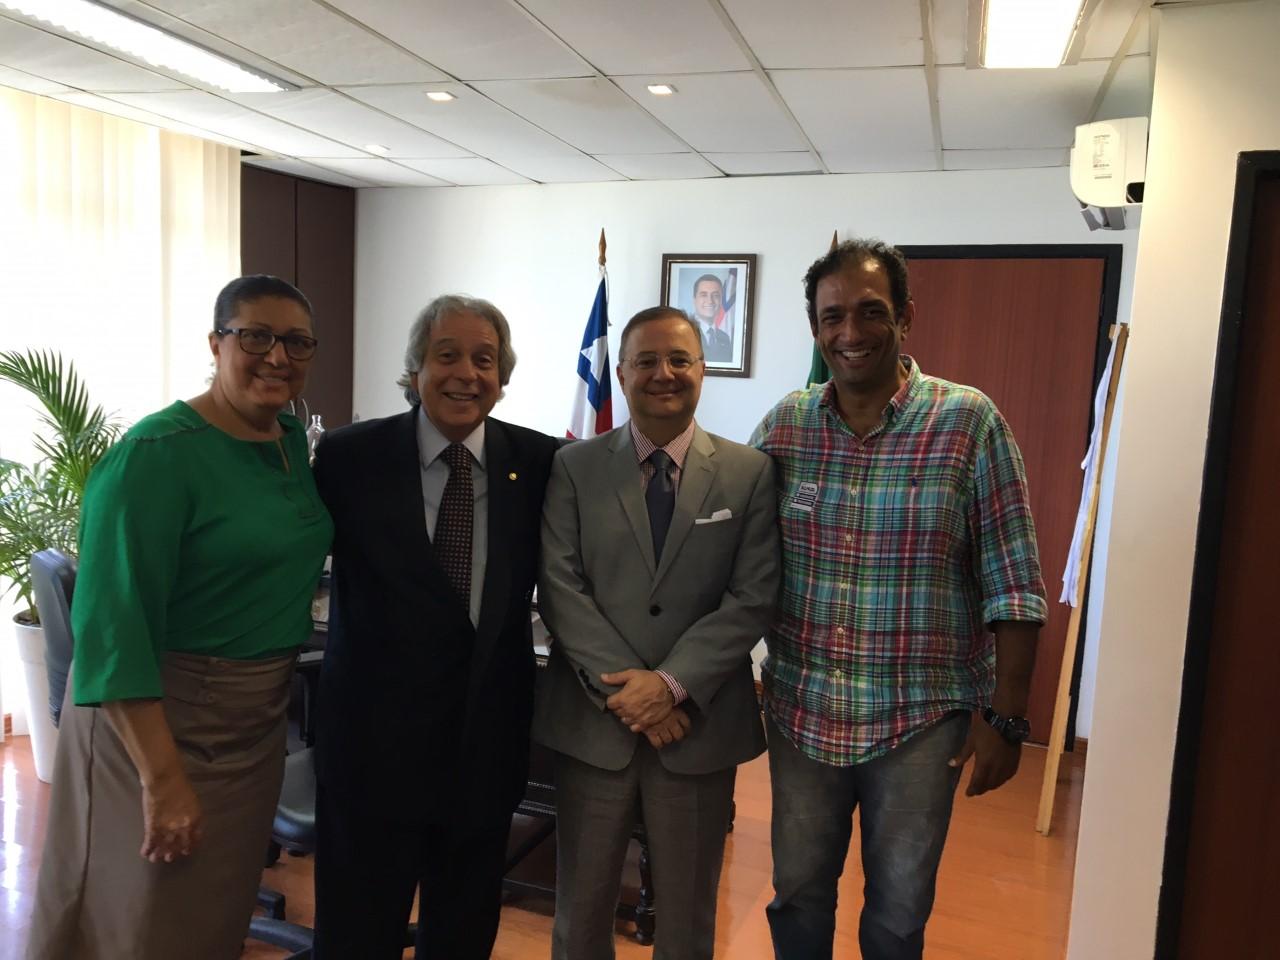 Ângela Sousa, Paulo Magalhães, Fábio Vilas Boas e Mário Alexandre.